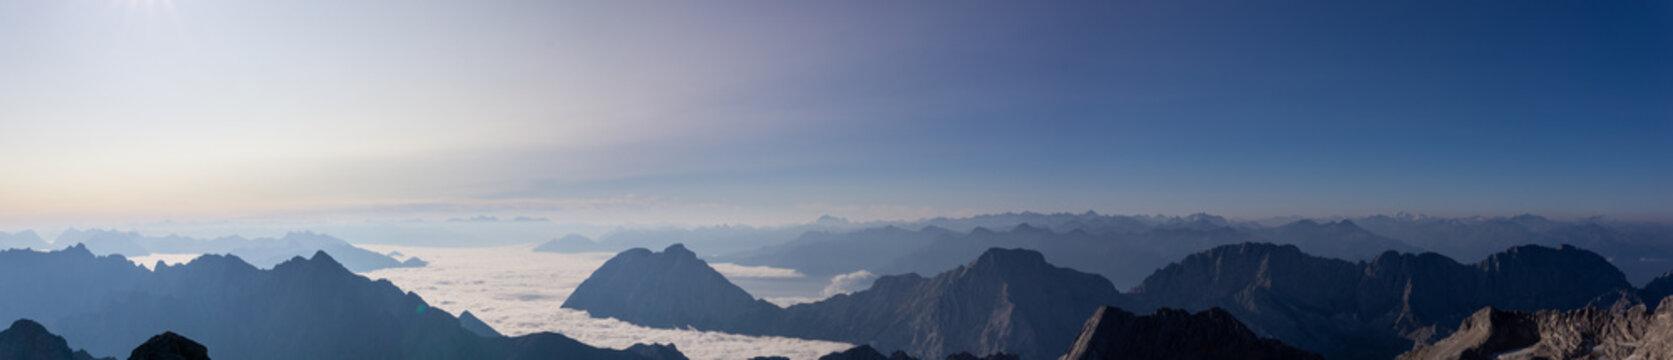 Panorama Aussicht von der Zugspitze über die Alpen bei Sonnenaufgang